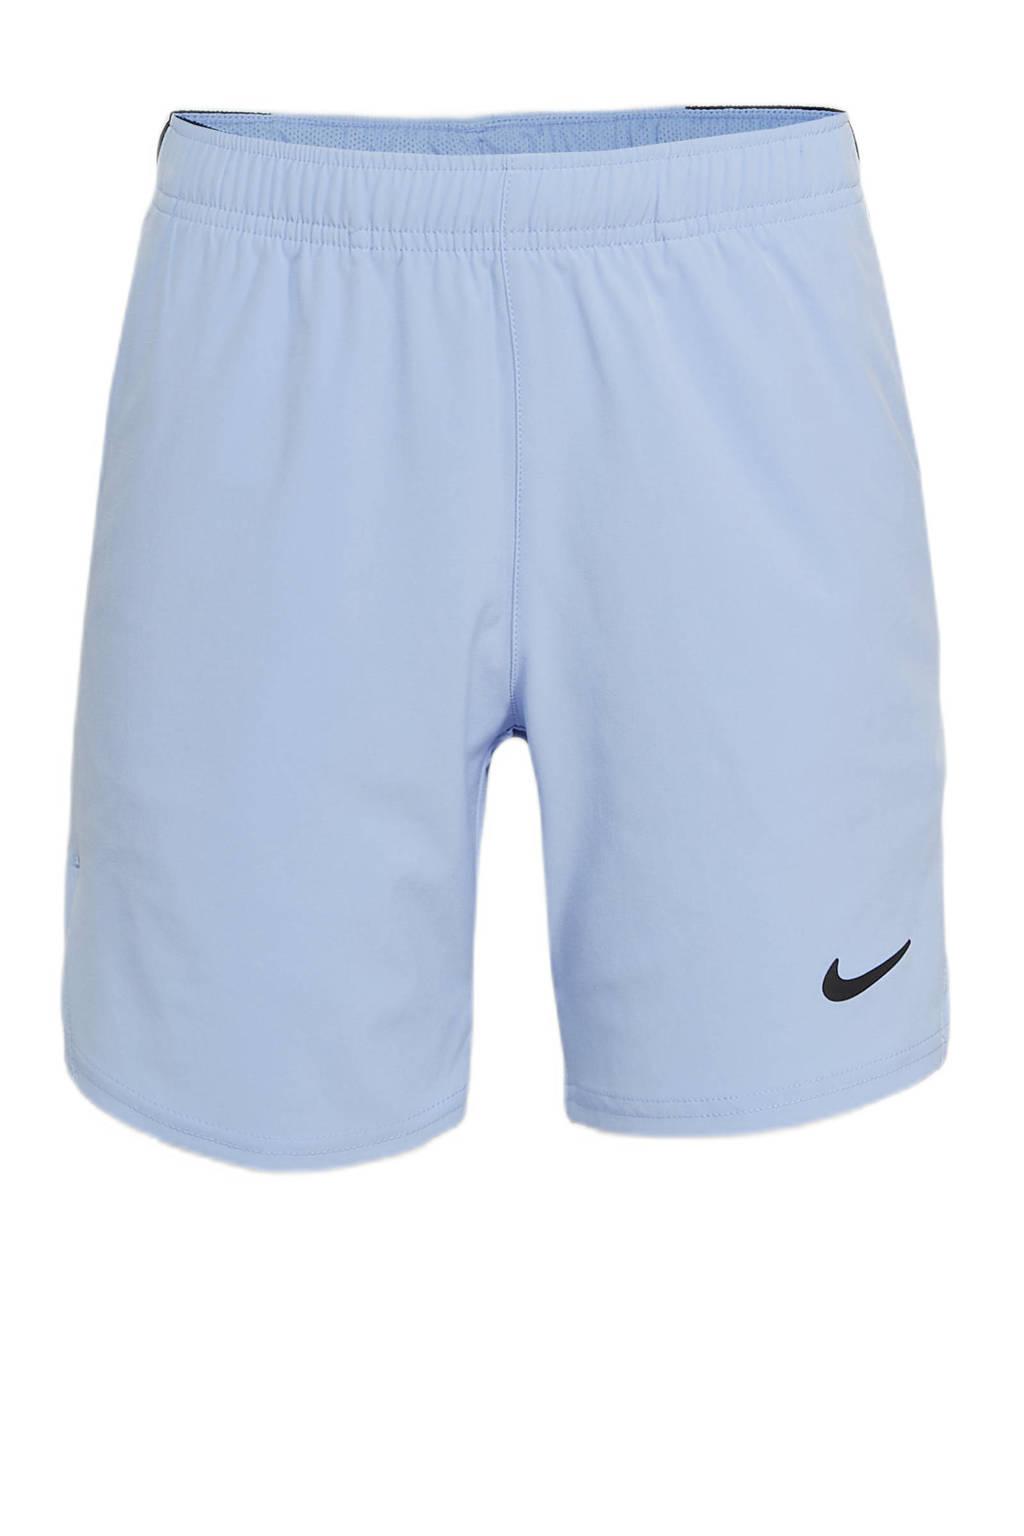 Nike   sportshort lichtbauw/zwart, Lichtblauw/zwart